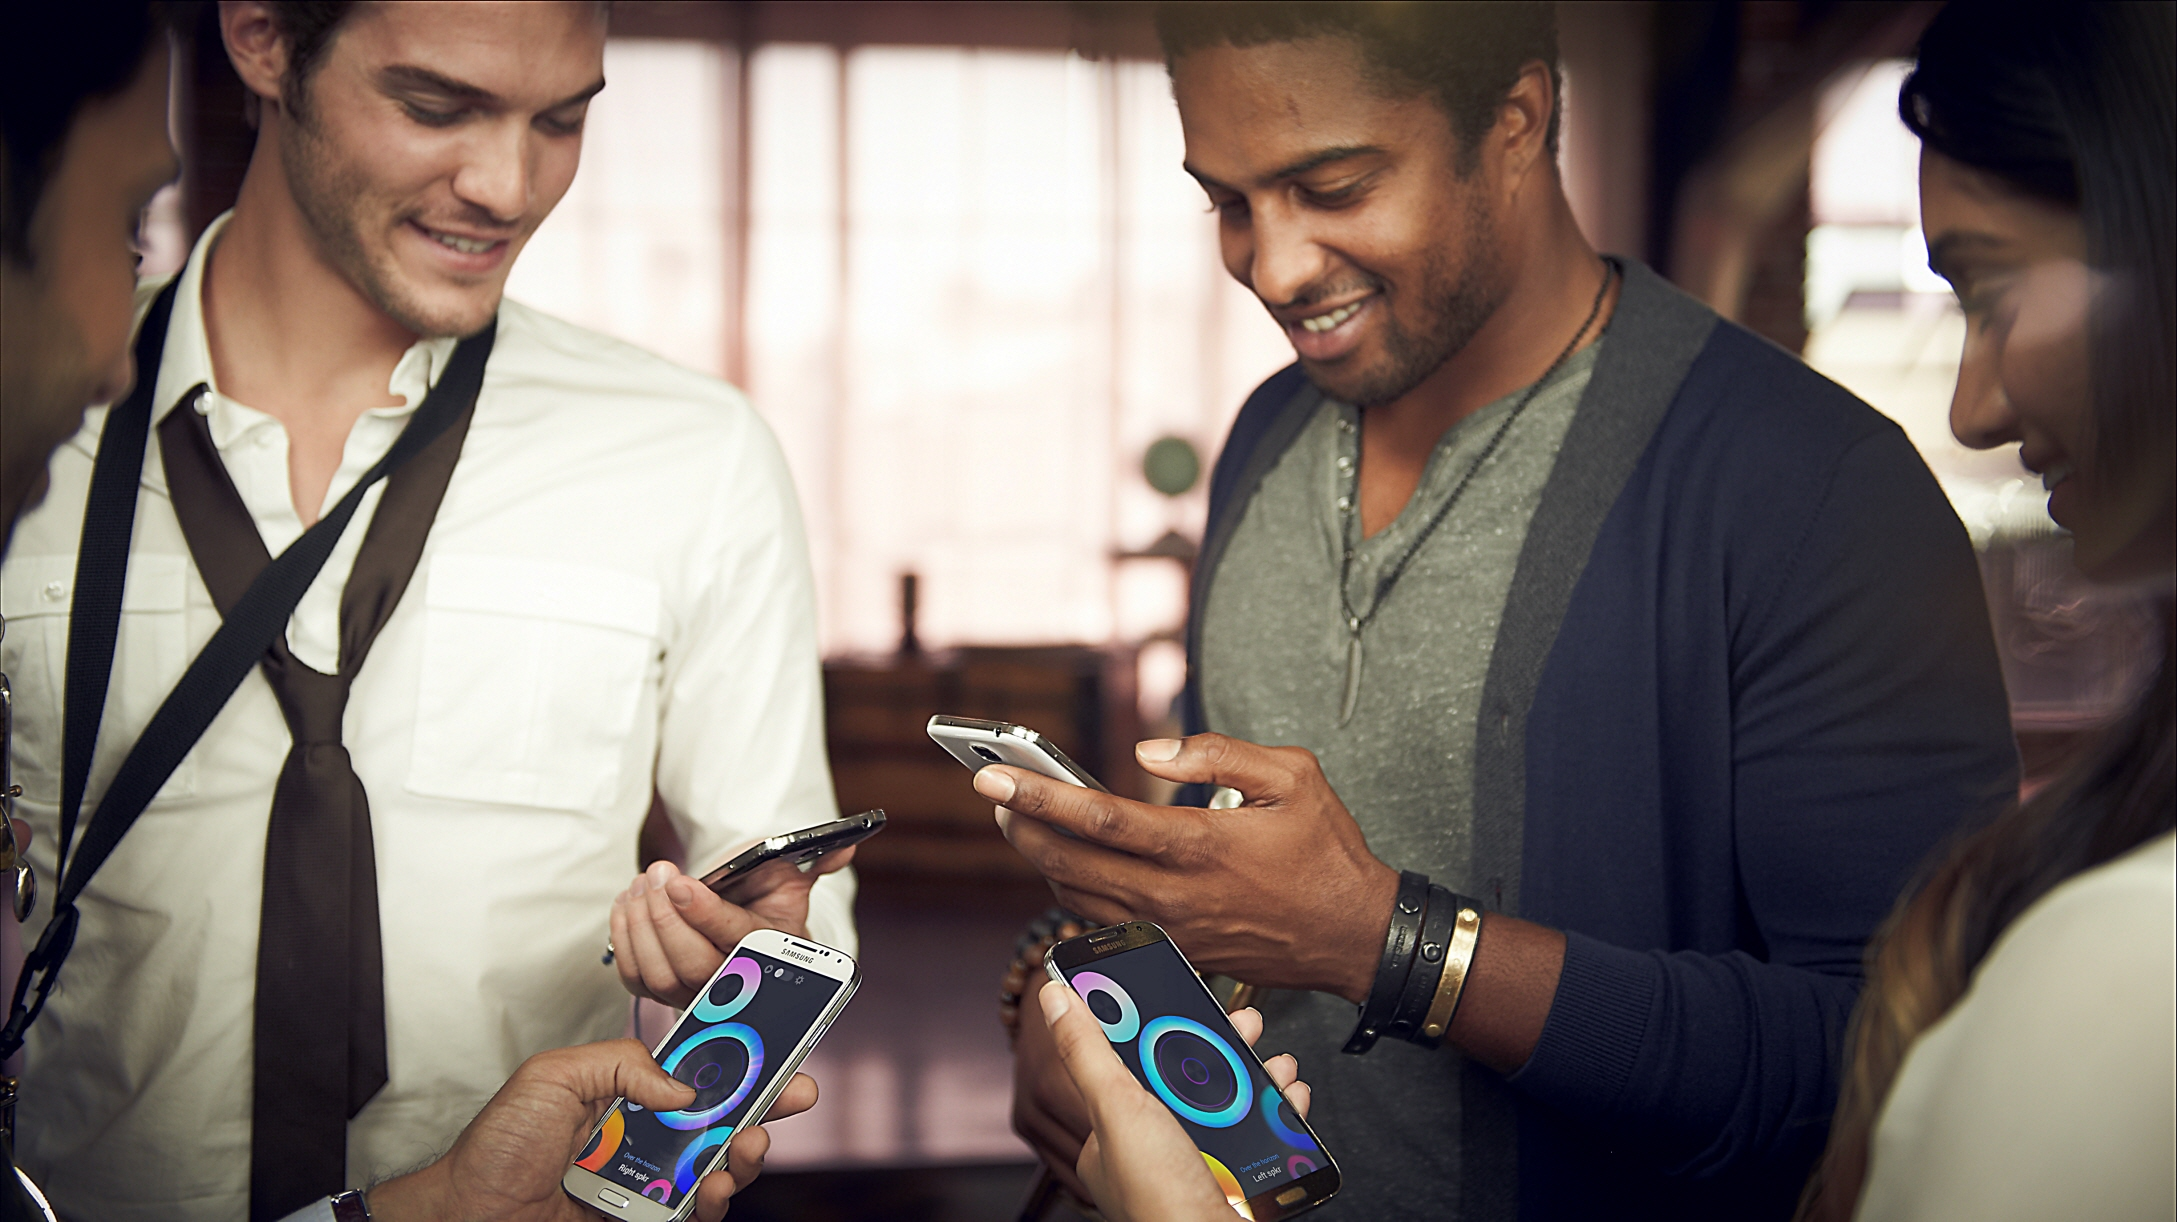 Novità| Huawei condivide la propria visione sulle opportunità della società digitale e sui Big Data